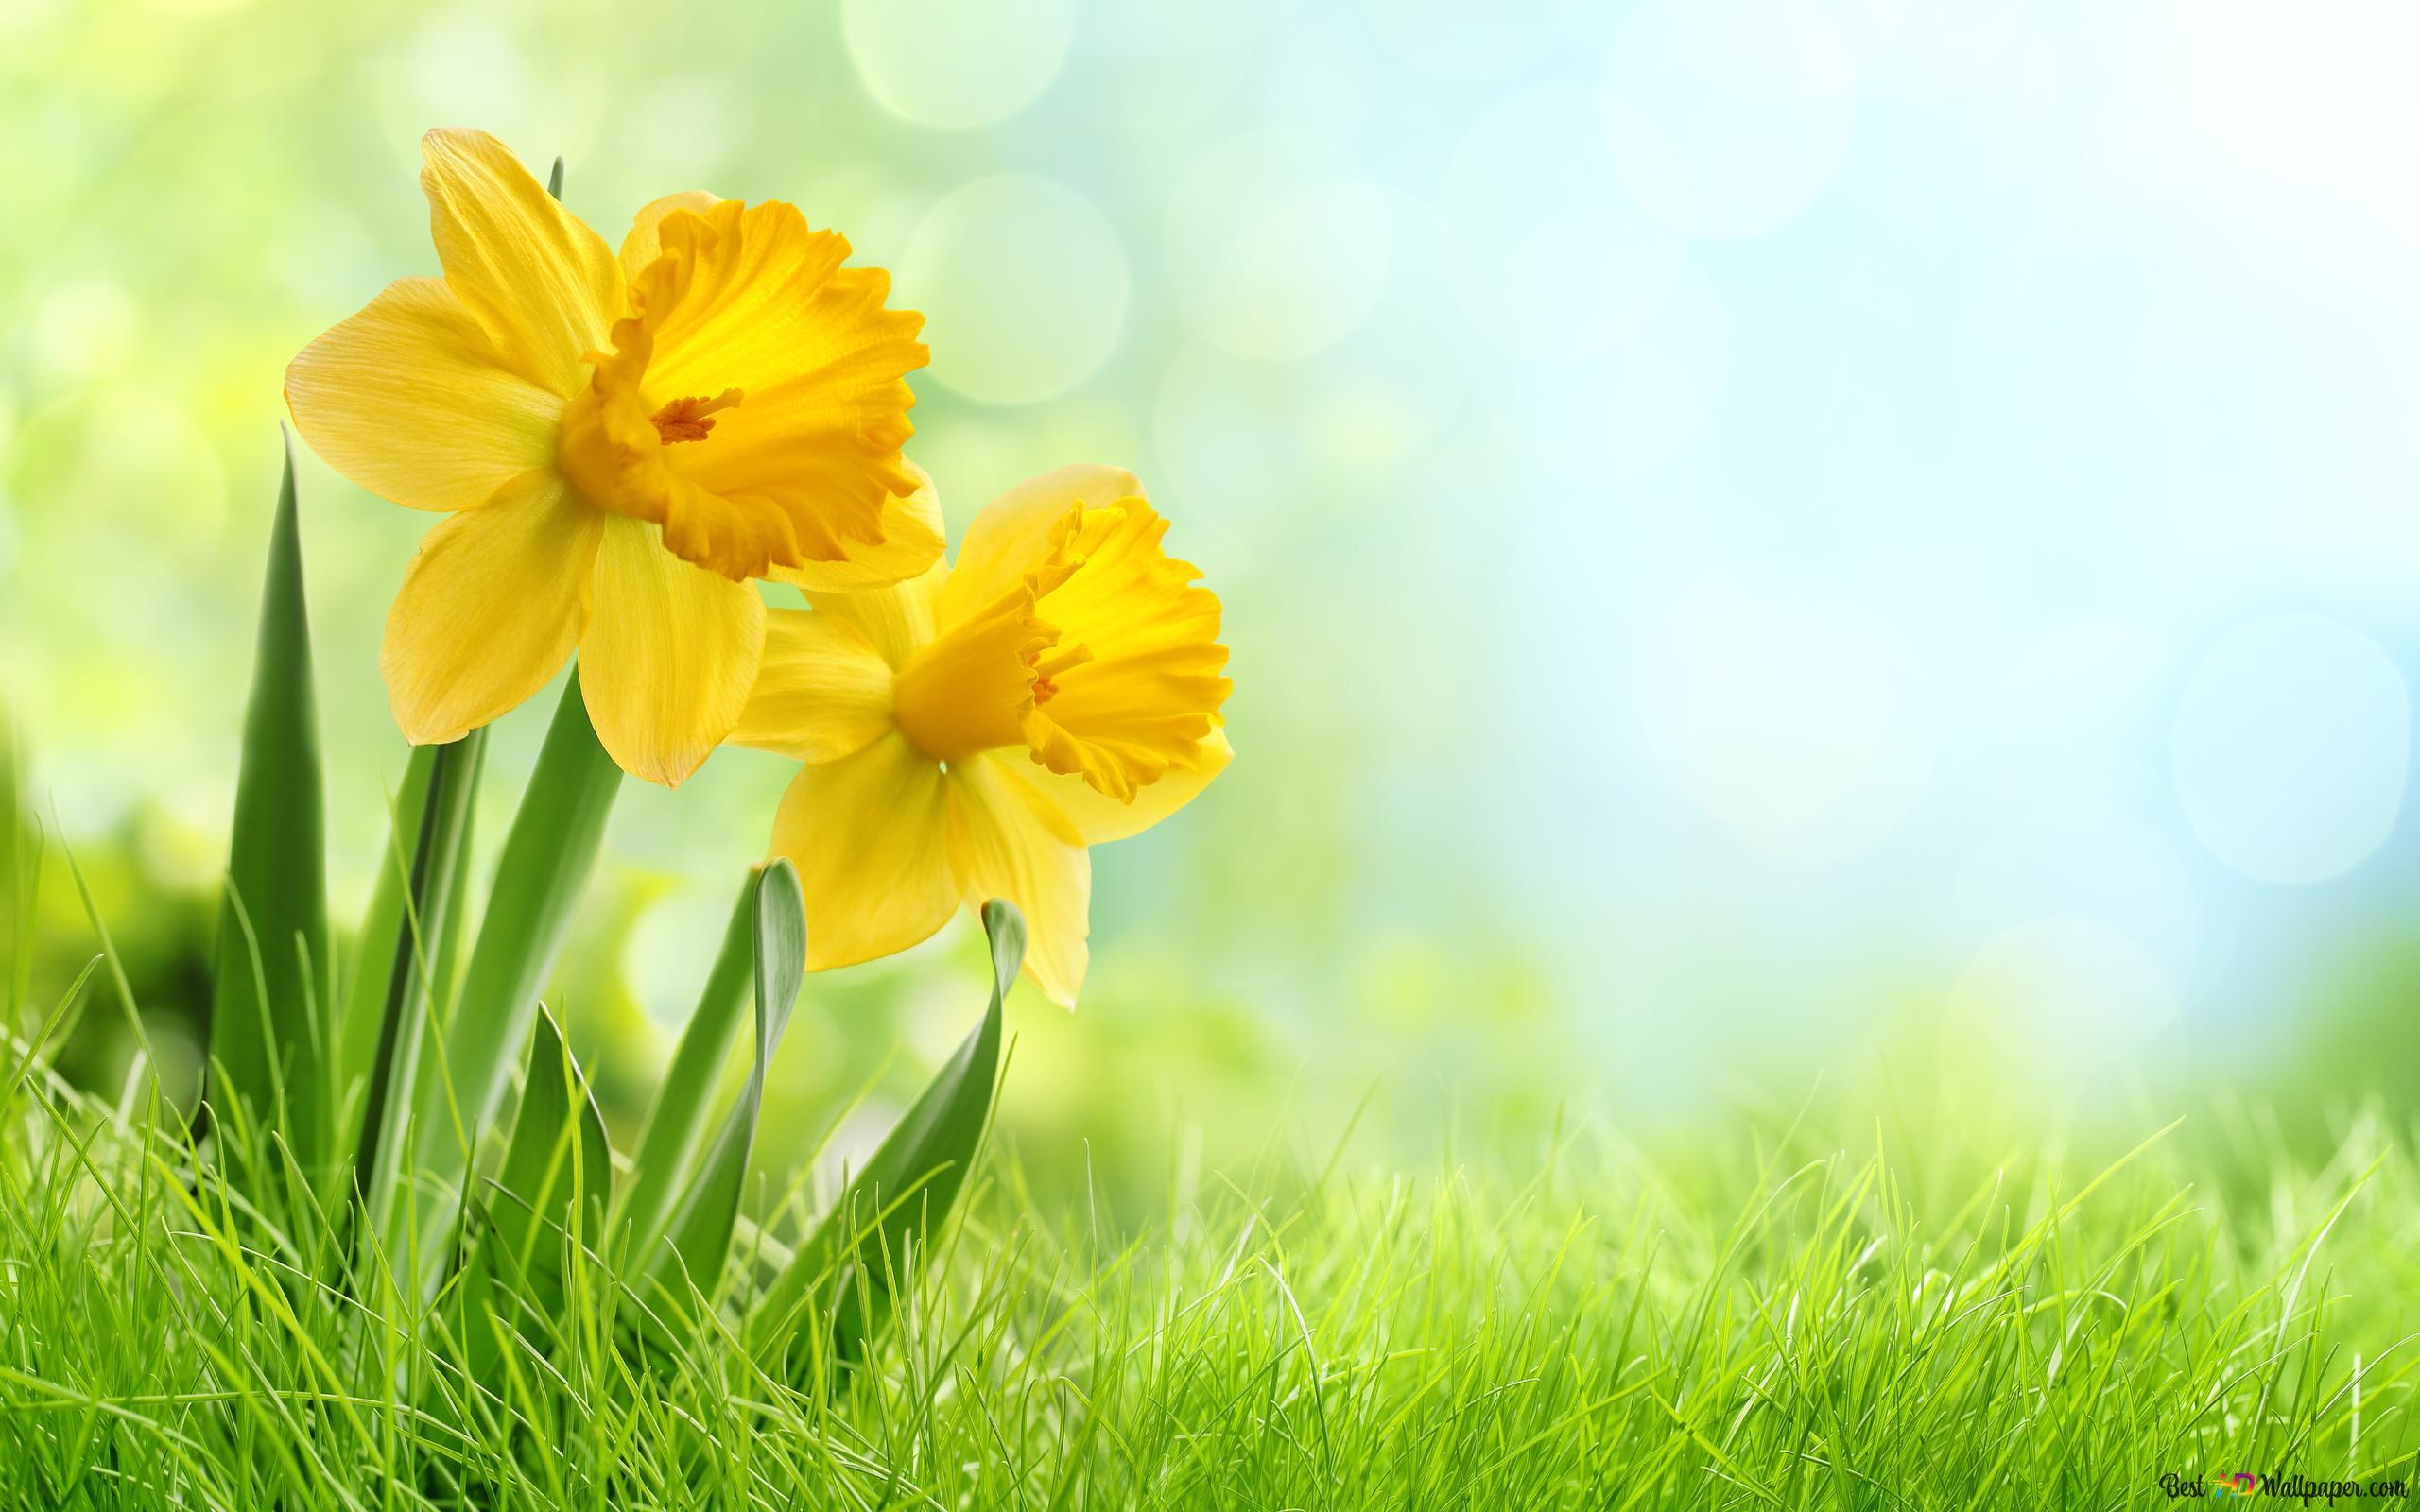 黄色の花 Hd壁紙のダウンロード